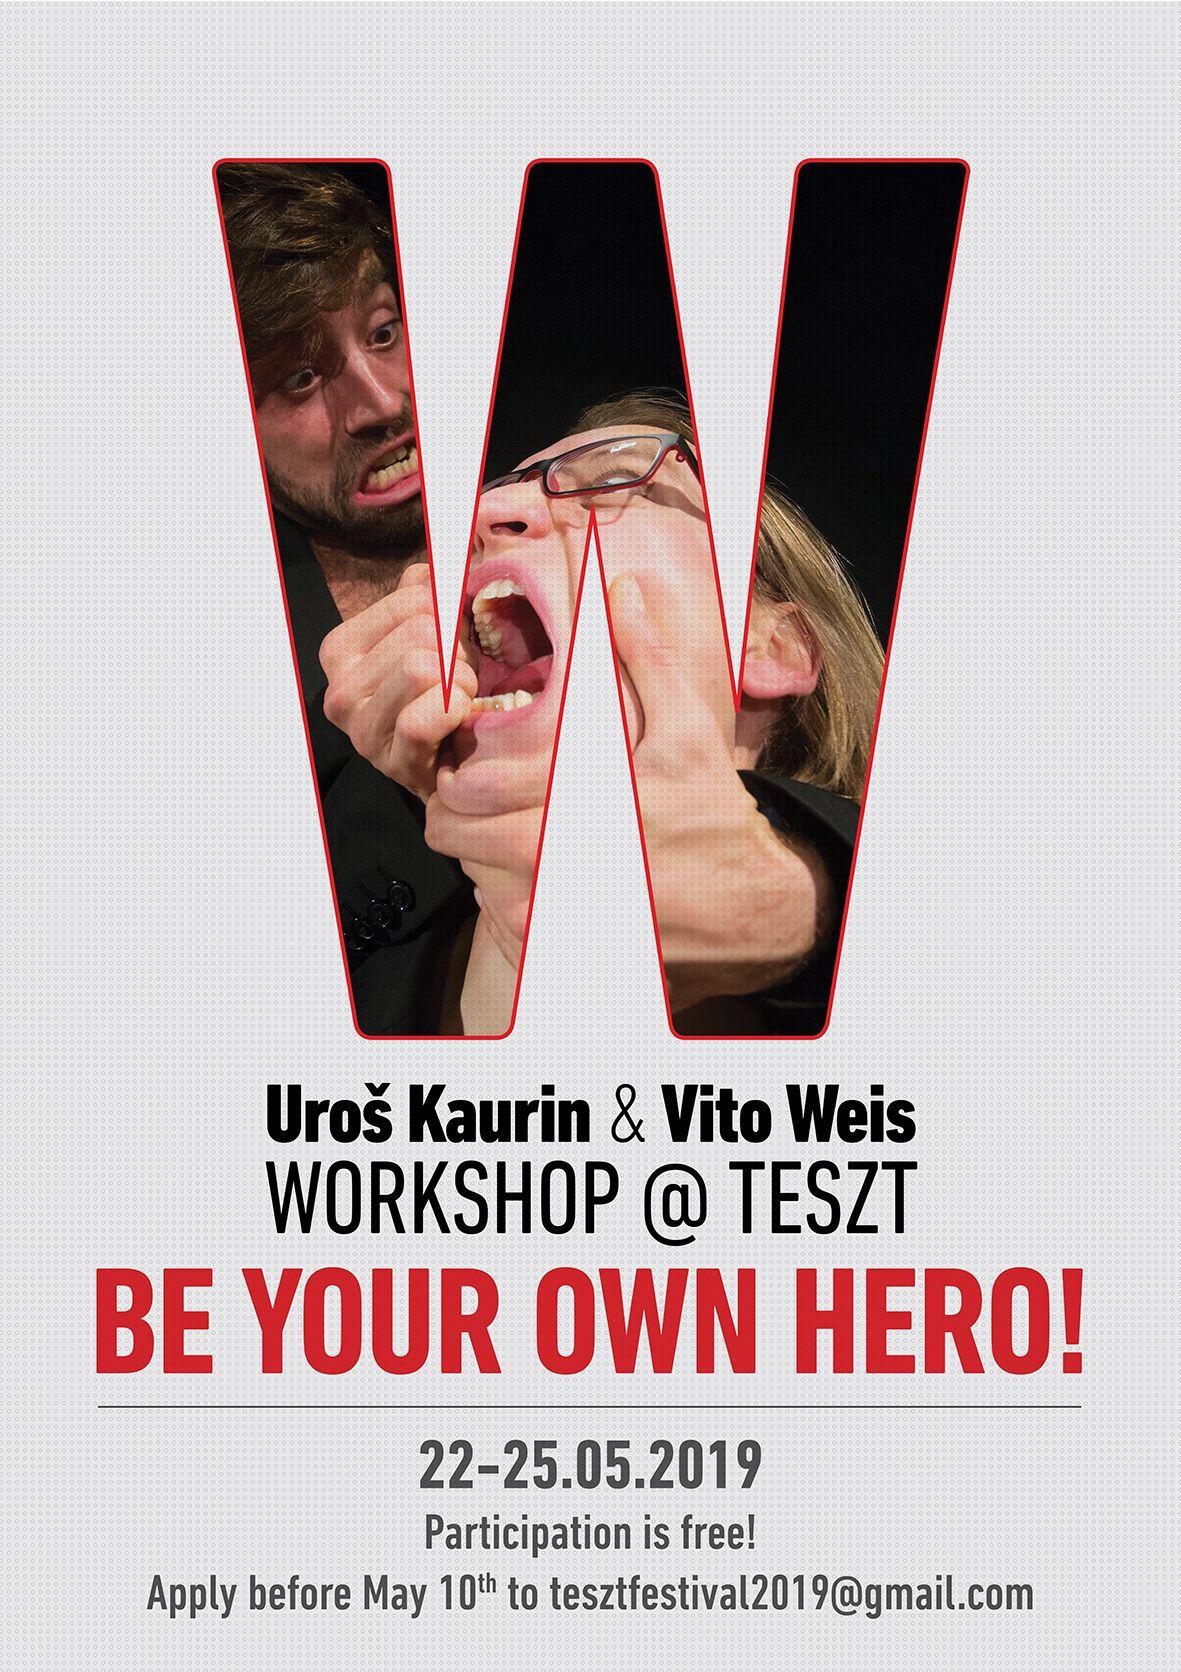 Atelier de actorie cu Vito Weis & Uroš Kaurin la TESZT – Fii propriul tău erou!